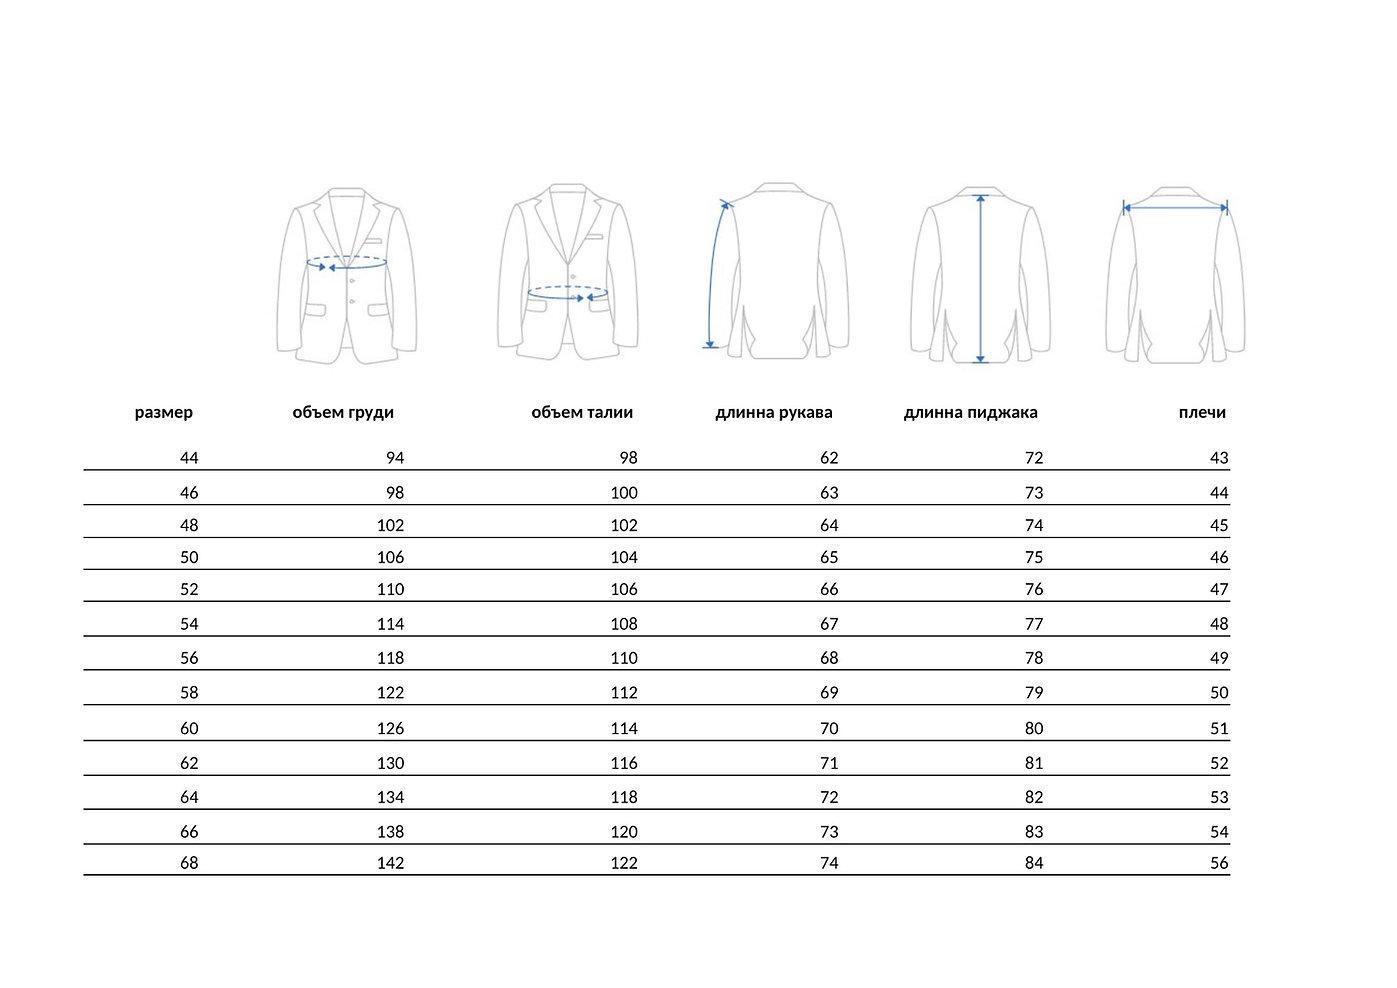 РАЗМЕРЫ пиджаки05.jpg